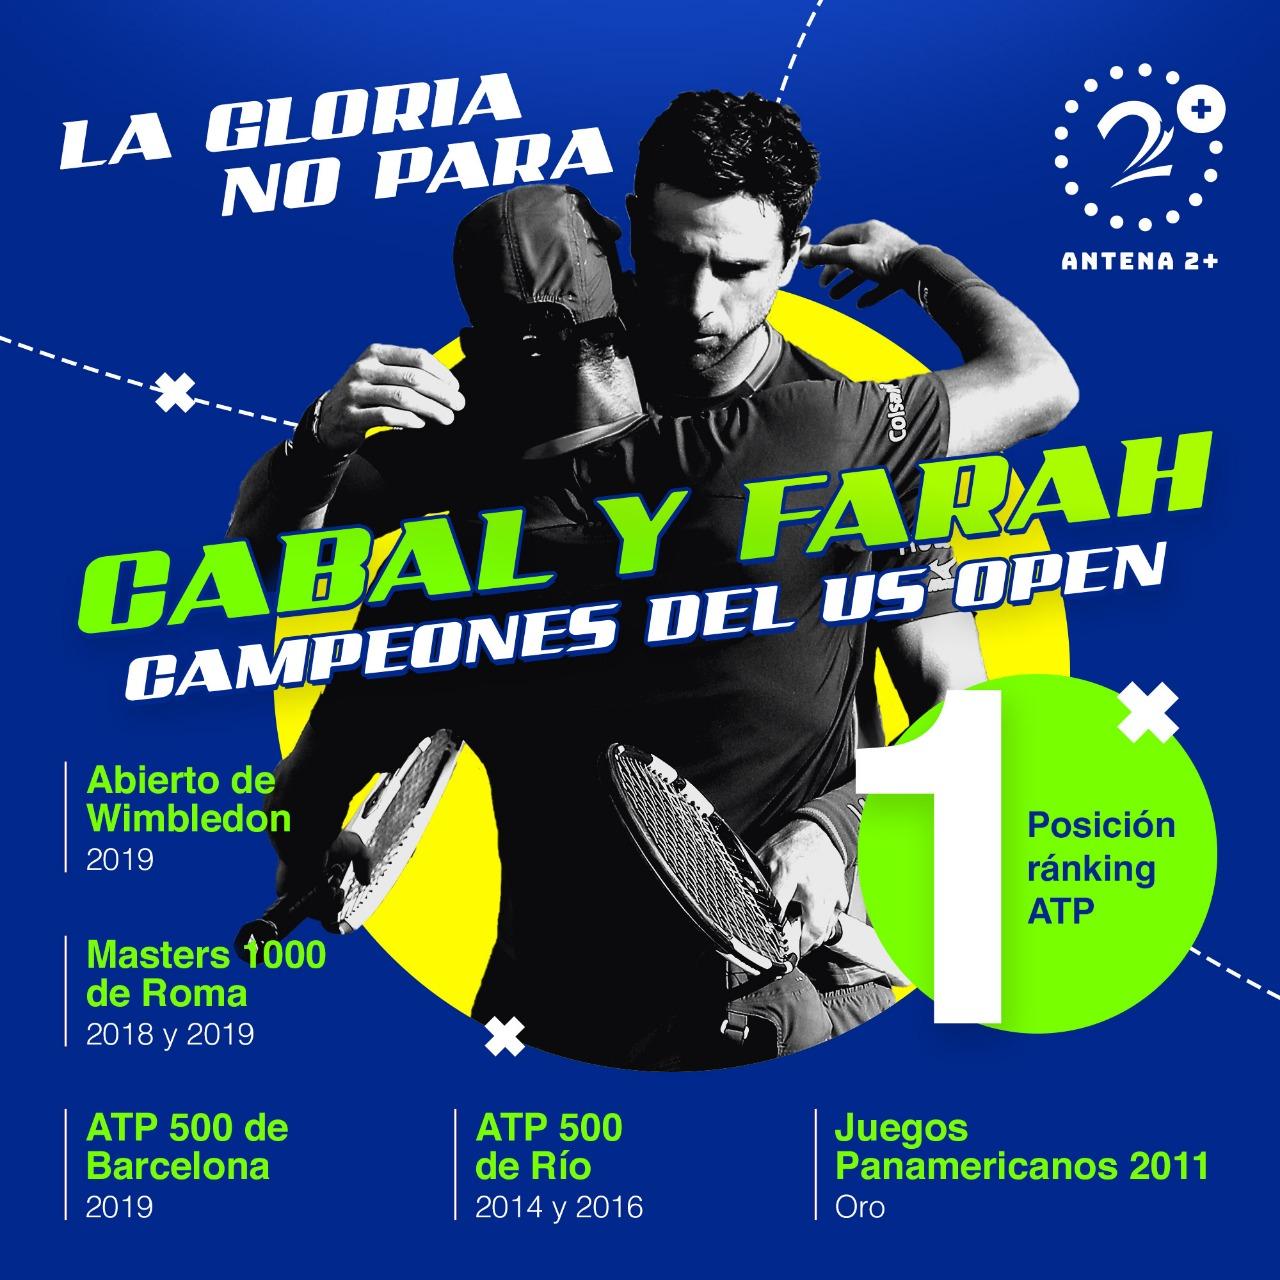 US Open, Cabal, Farah